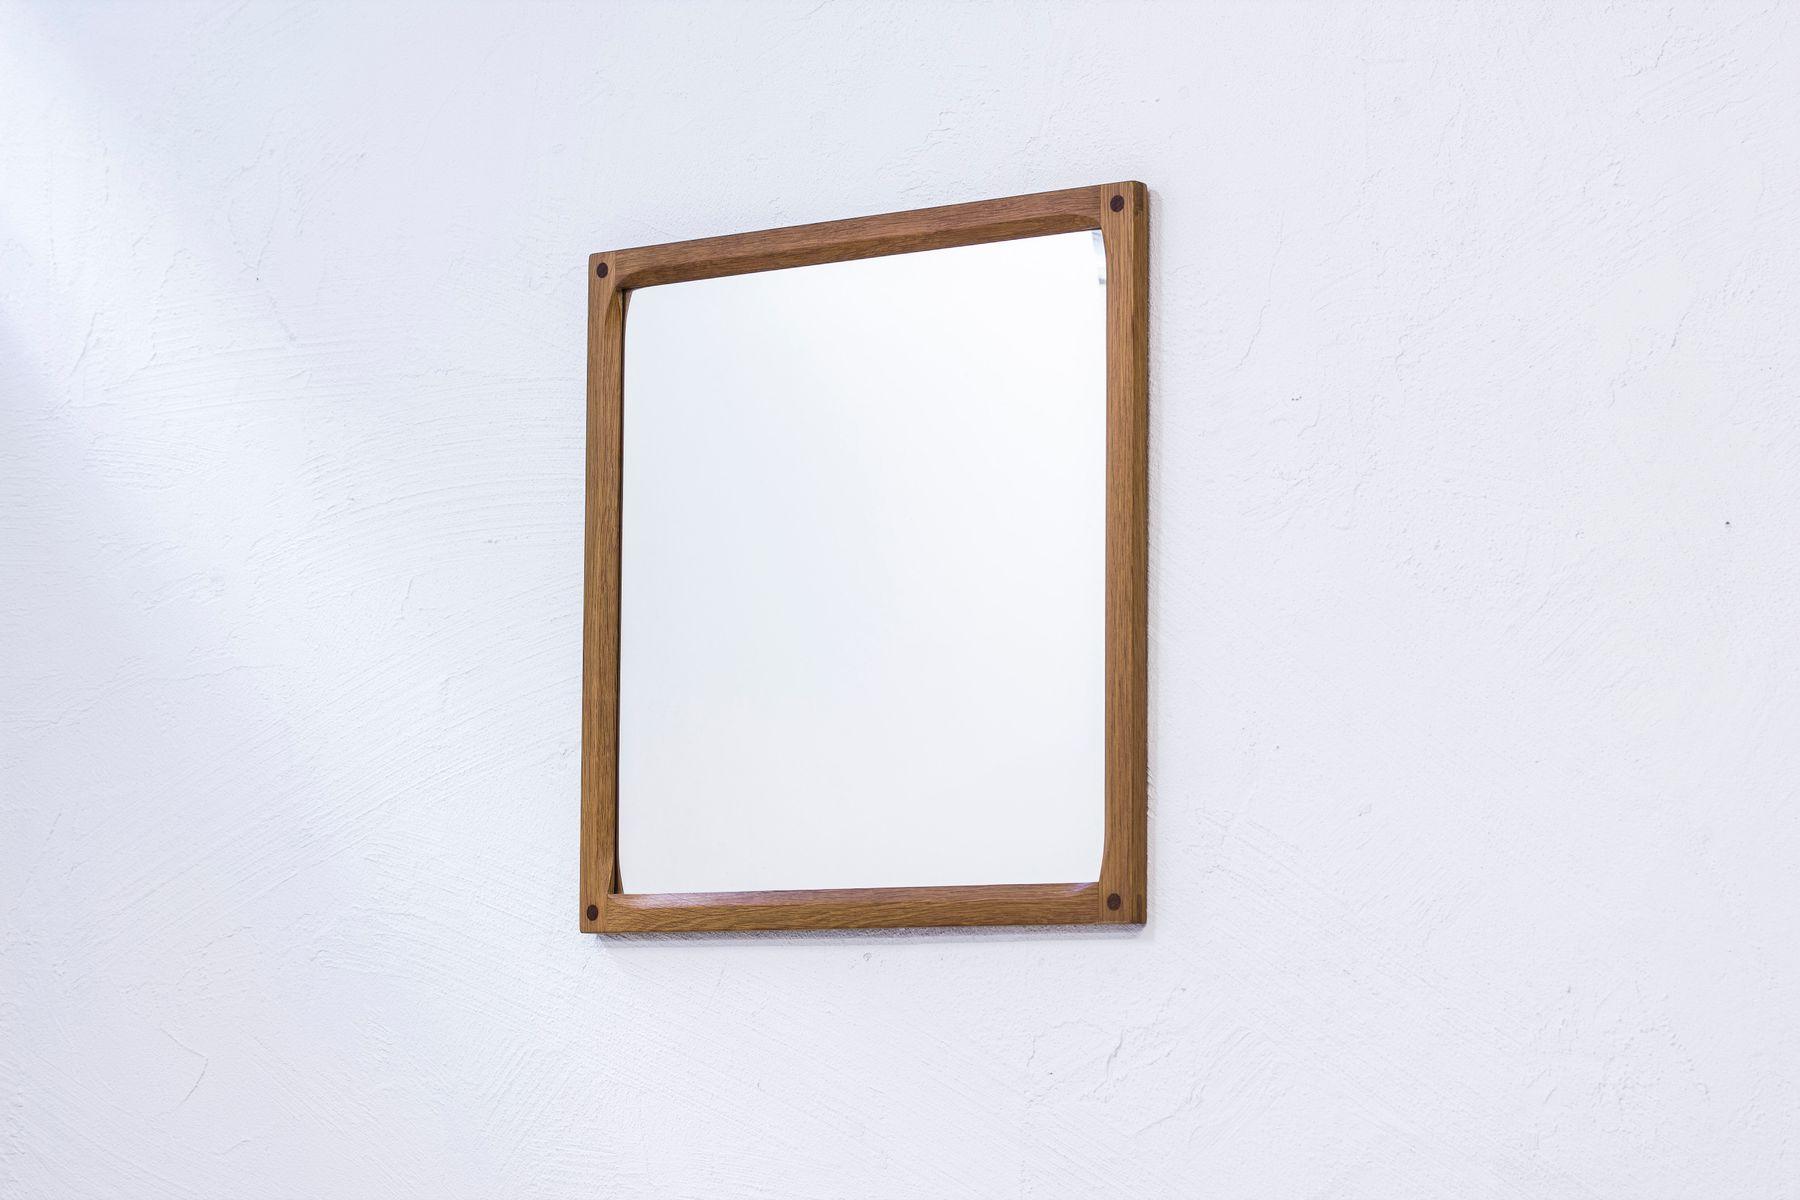 162 eichenholz spiegel von kai kristiansen f r aksel kjersgaard 1950er bei pamono kaufen. Black Bedroom Furniture Sets. Home Design Ideas